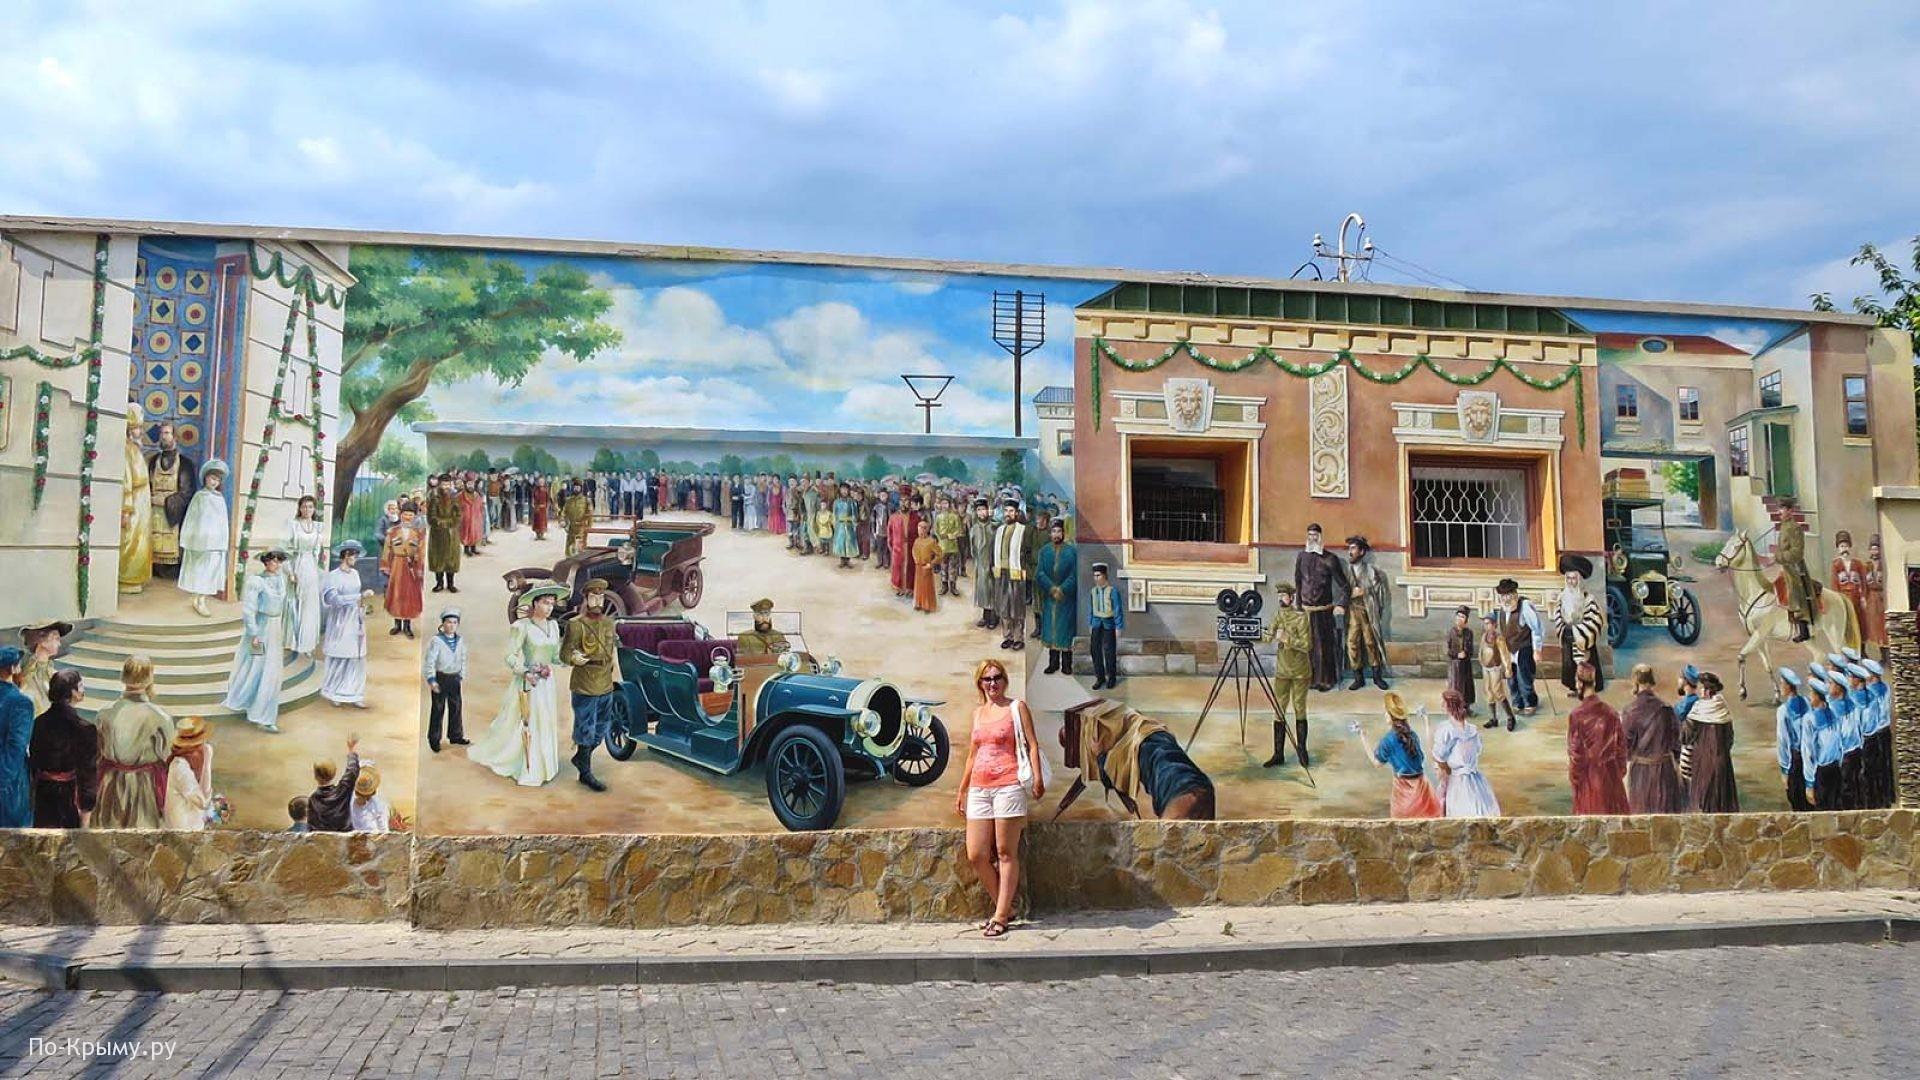 Фото Старого города Евпатории